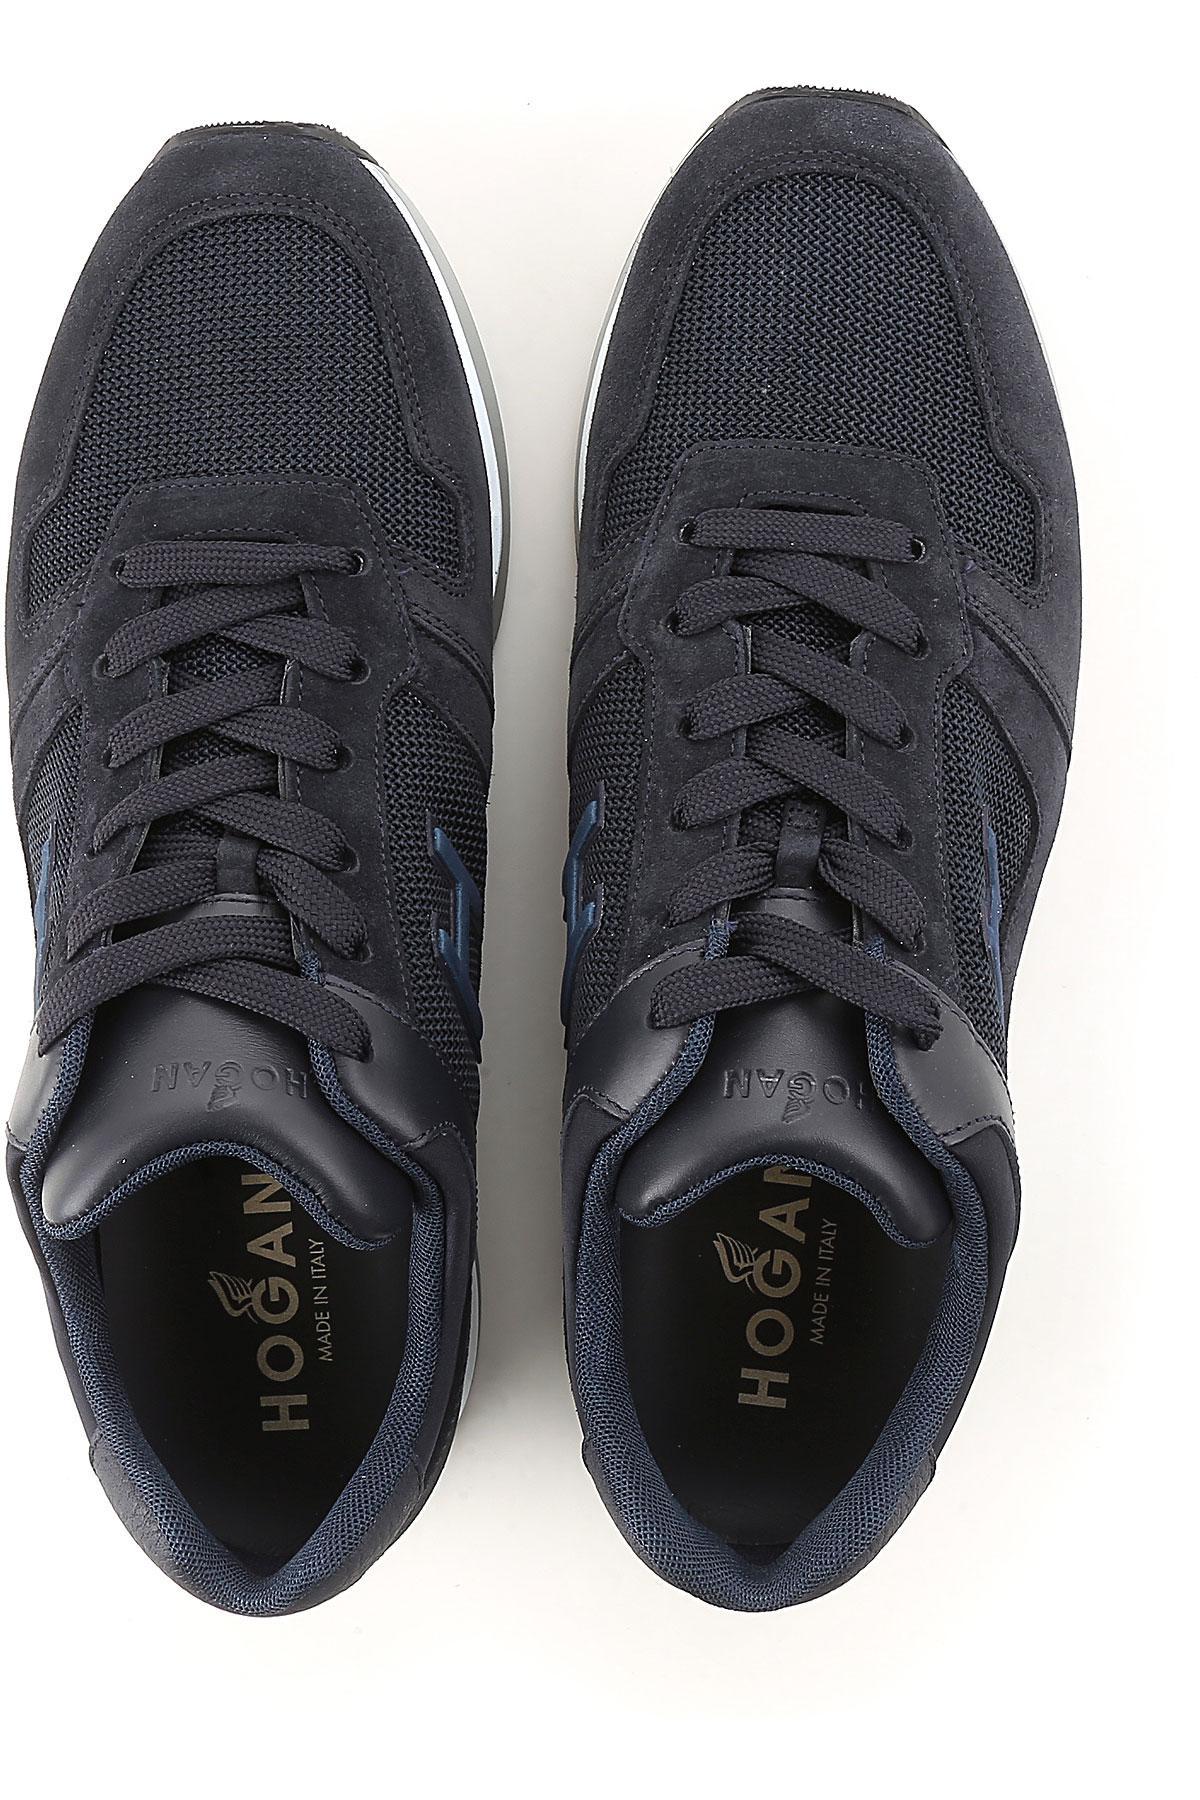 code promo 531de 4d269 Lyst - Sneaker Homme Pas cher en Soldes Hogan pour homme